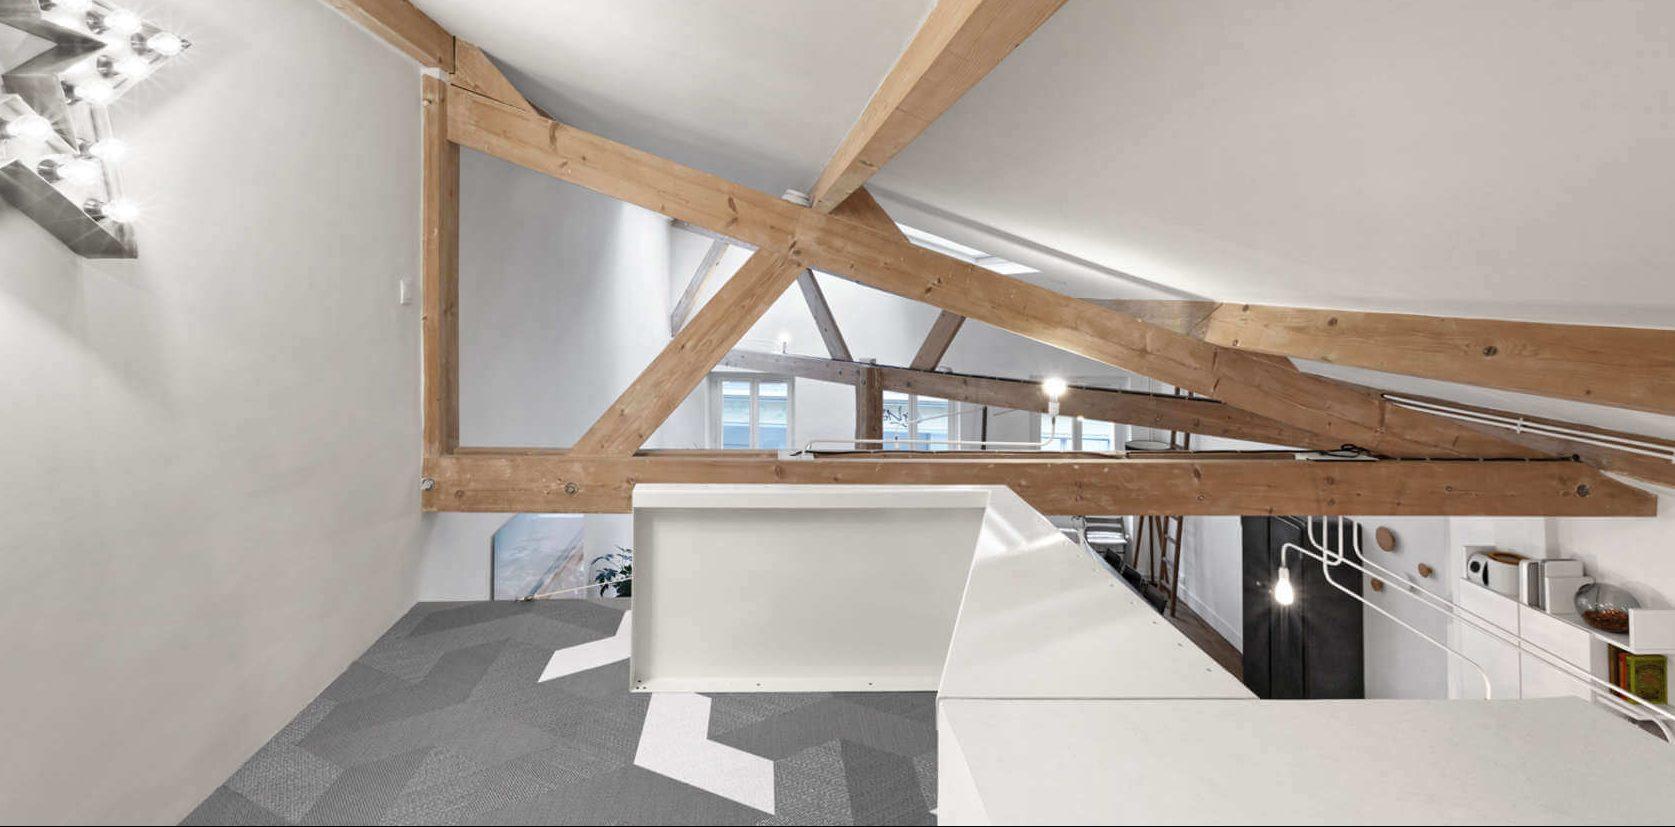 Una mansarda di stile a parigi for Progetti di case in stile loft